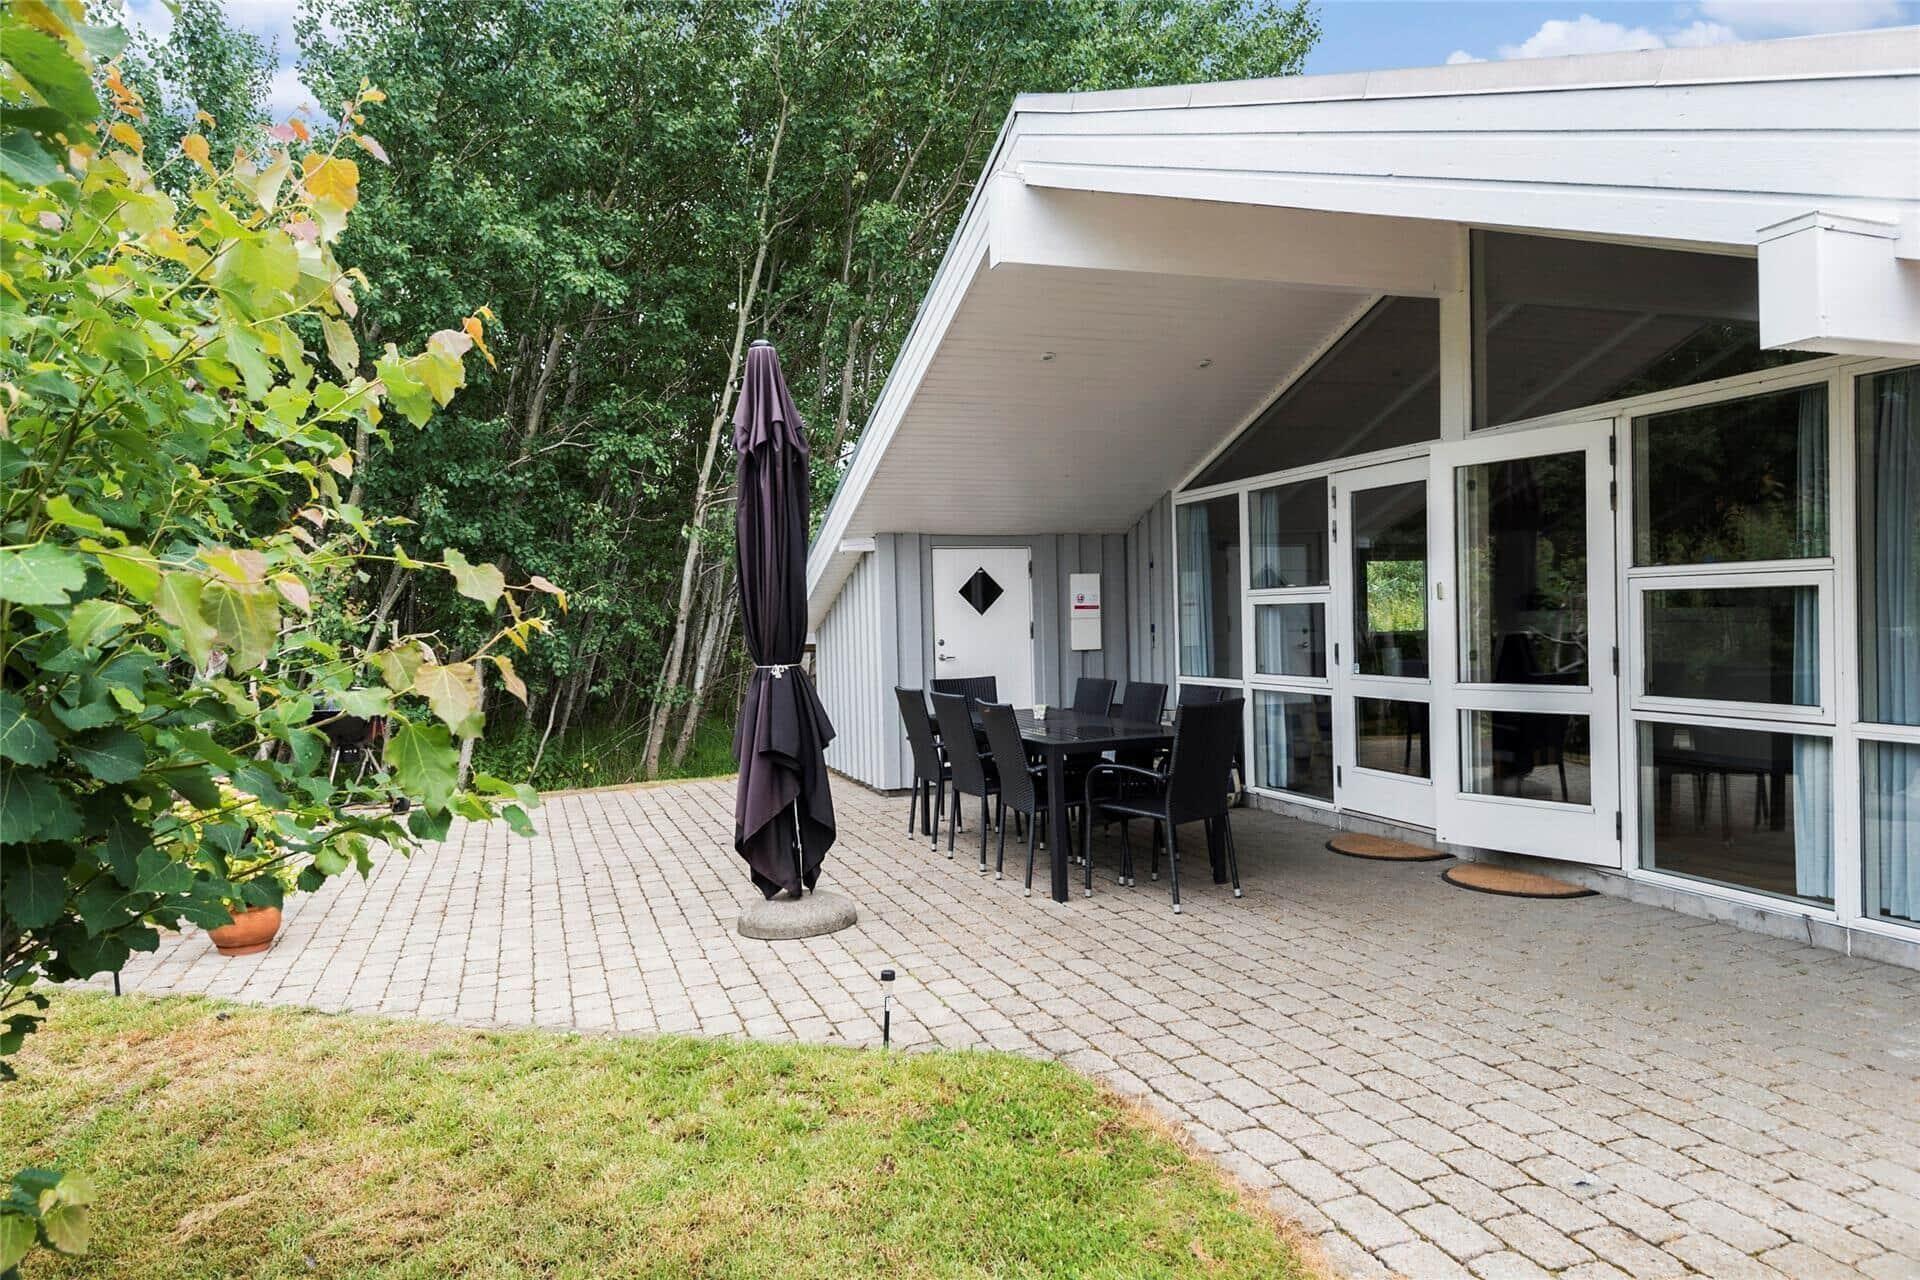 Billede 1-11 Sommerhus 0047, Rævlingevej 1, DK - 6792 Rømø